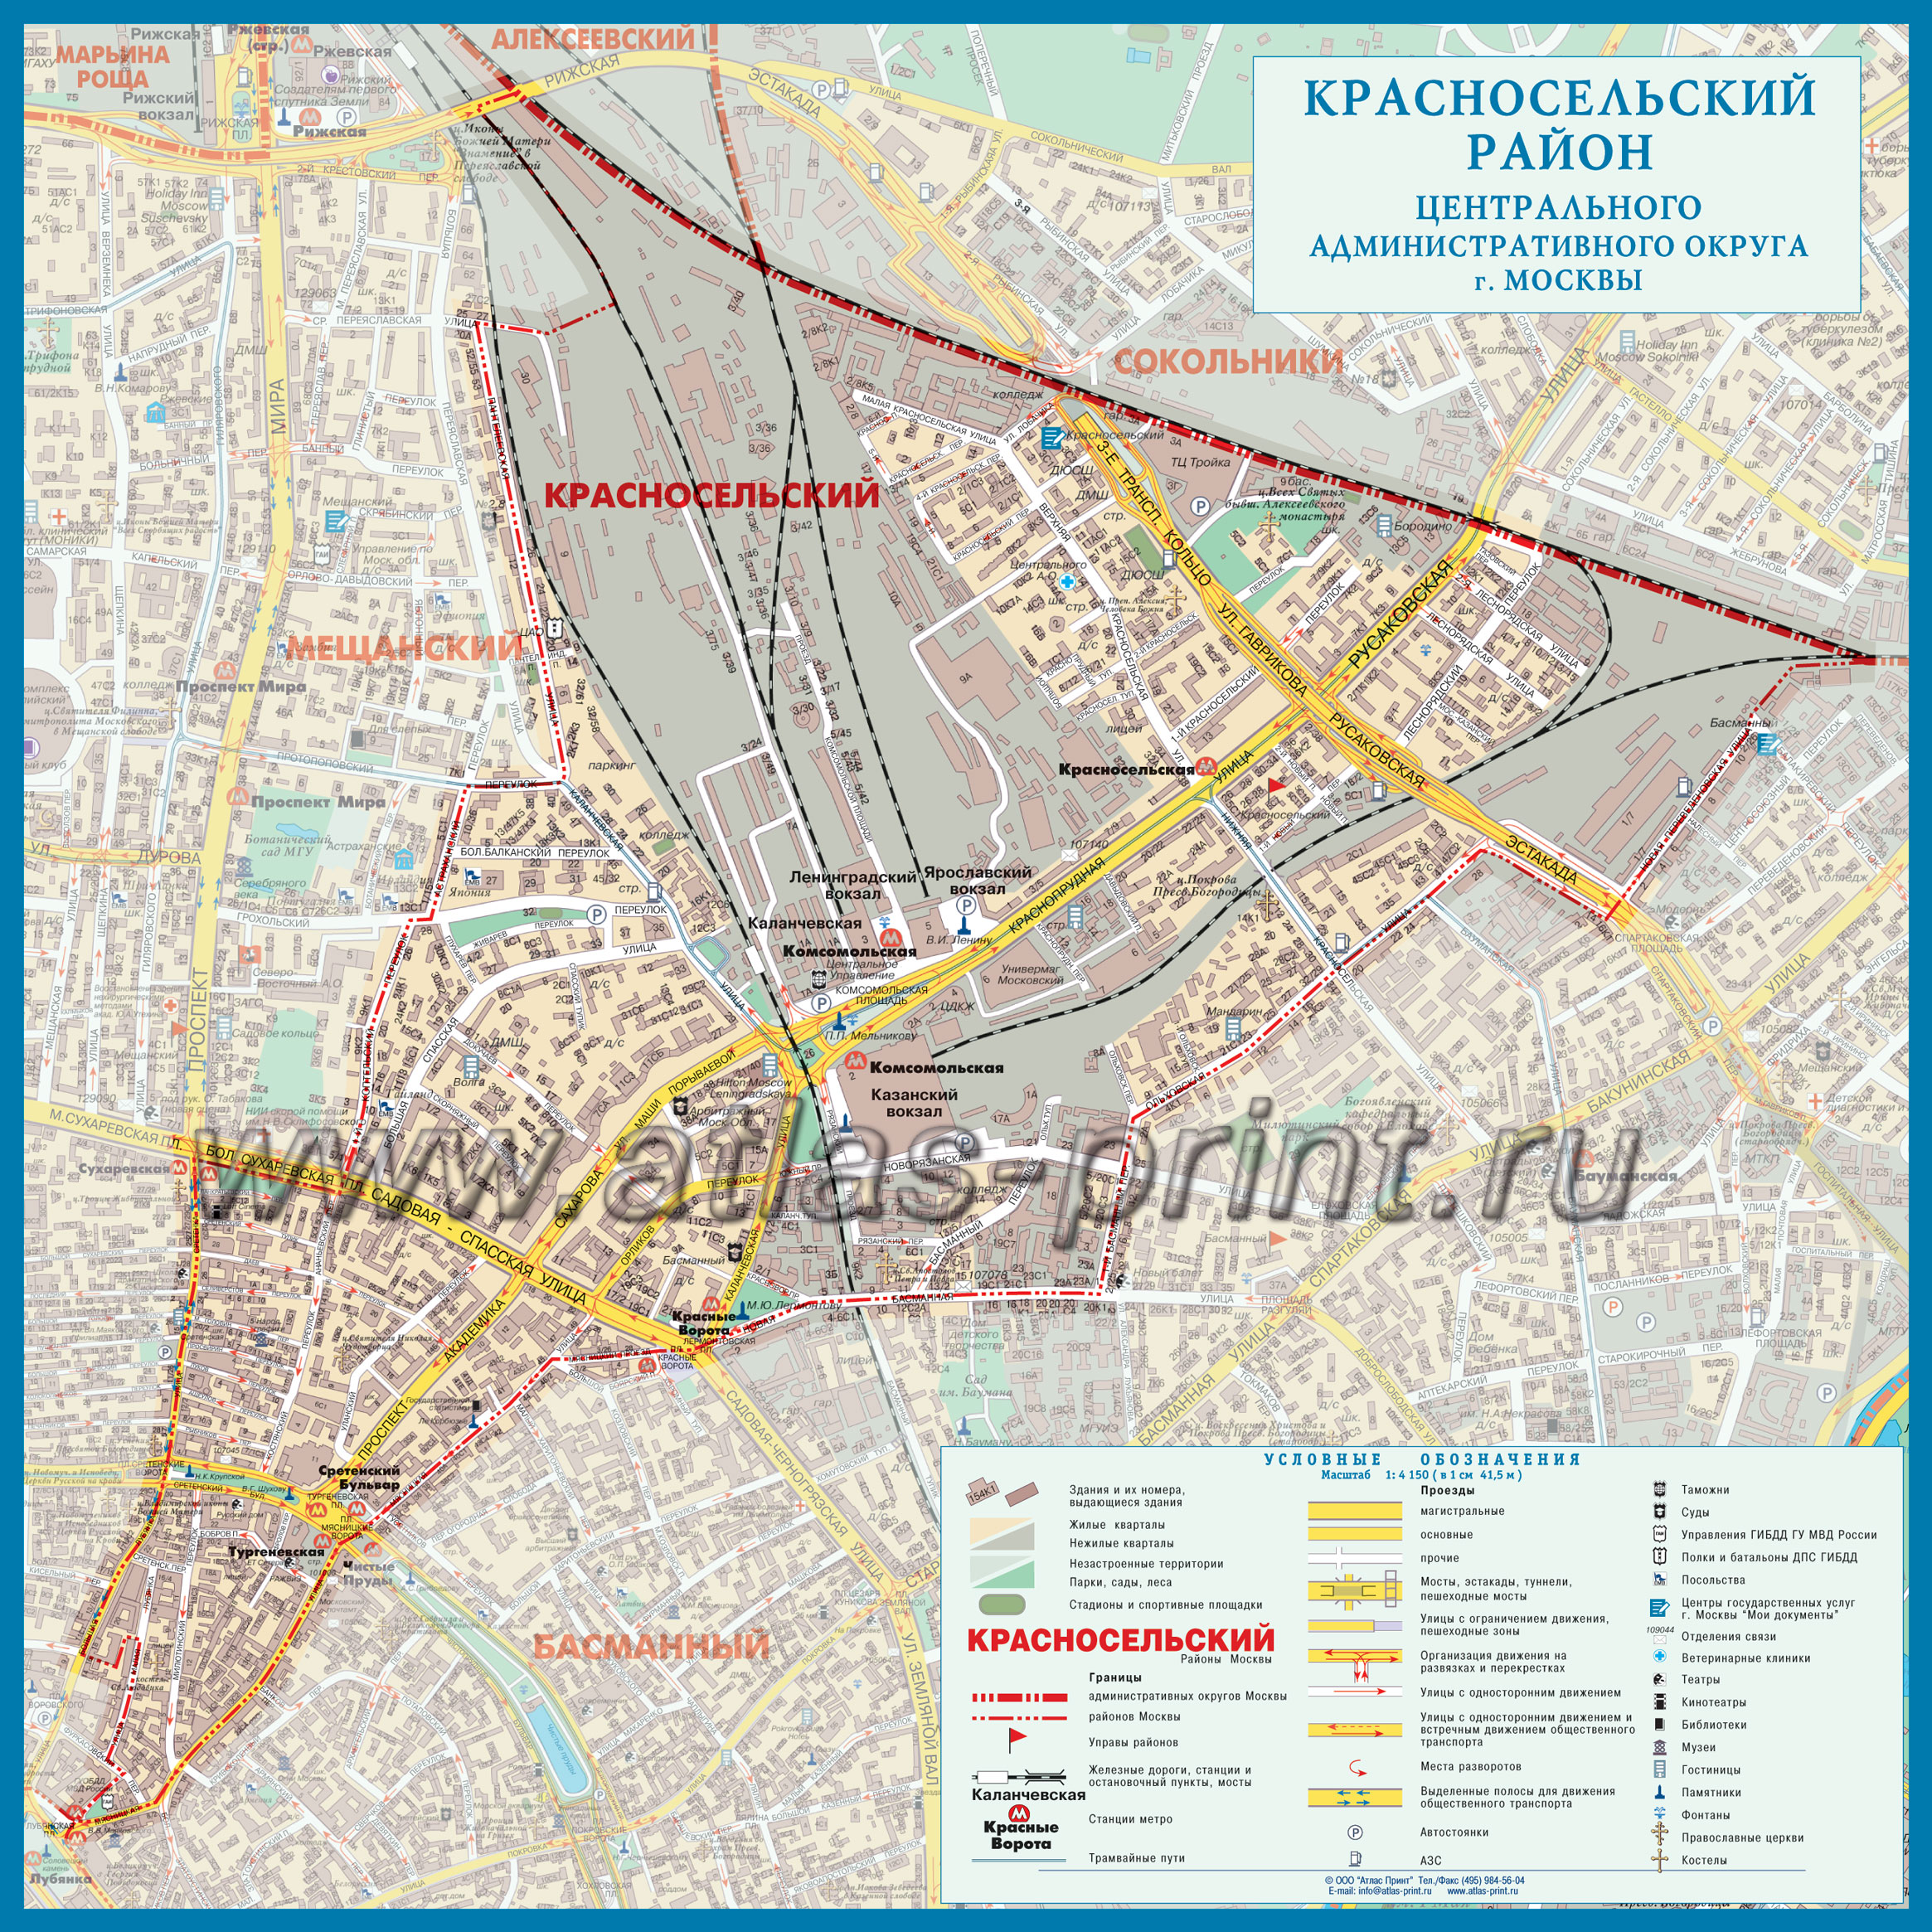 Настенная карта района Красносельский г.Москвы 1,00*1,00 м, ламинированная